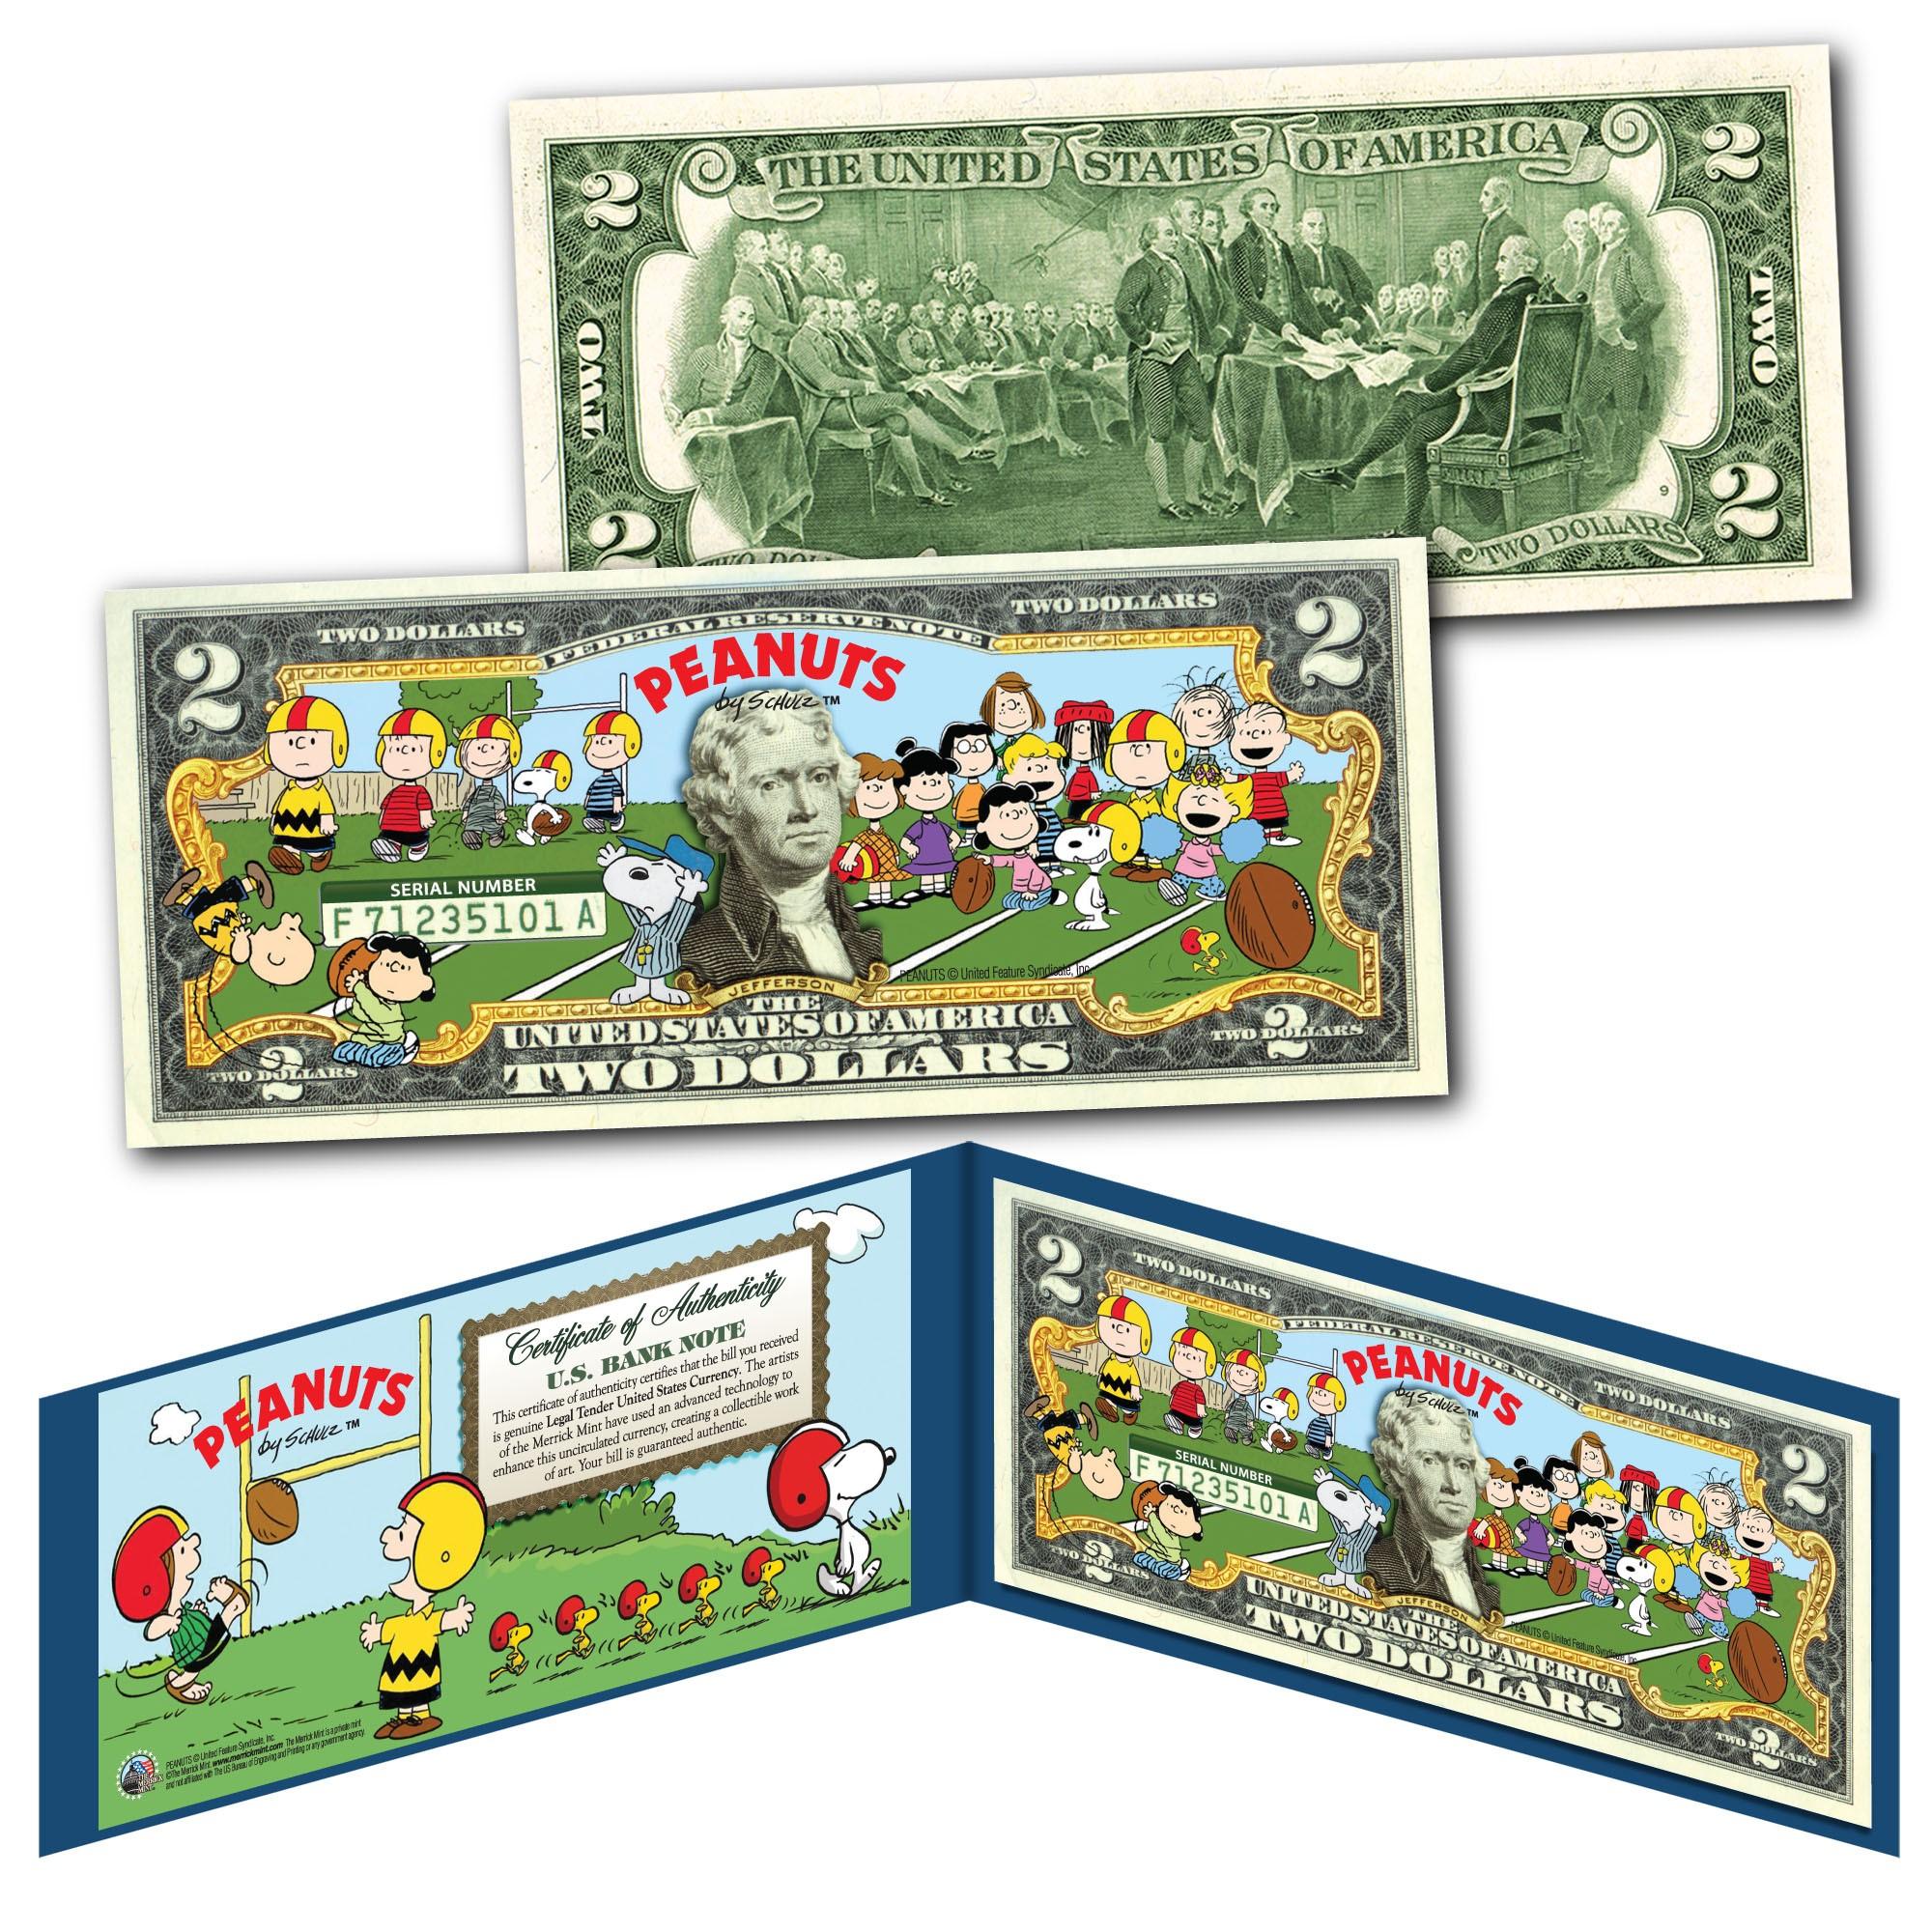 PEANUTS Snoopy Legal Tender U.S $2 Bill LICENSED Charlie Brown /& Gang